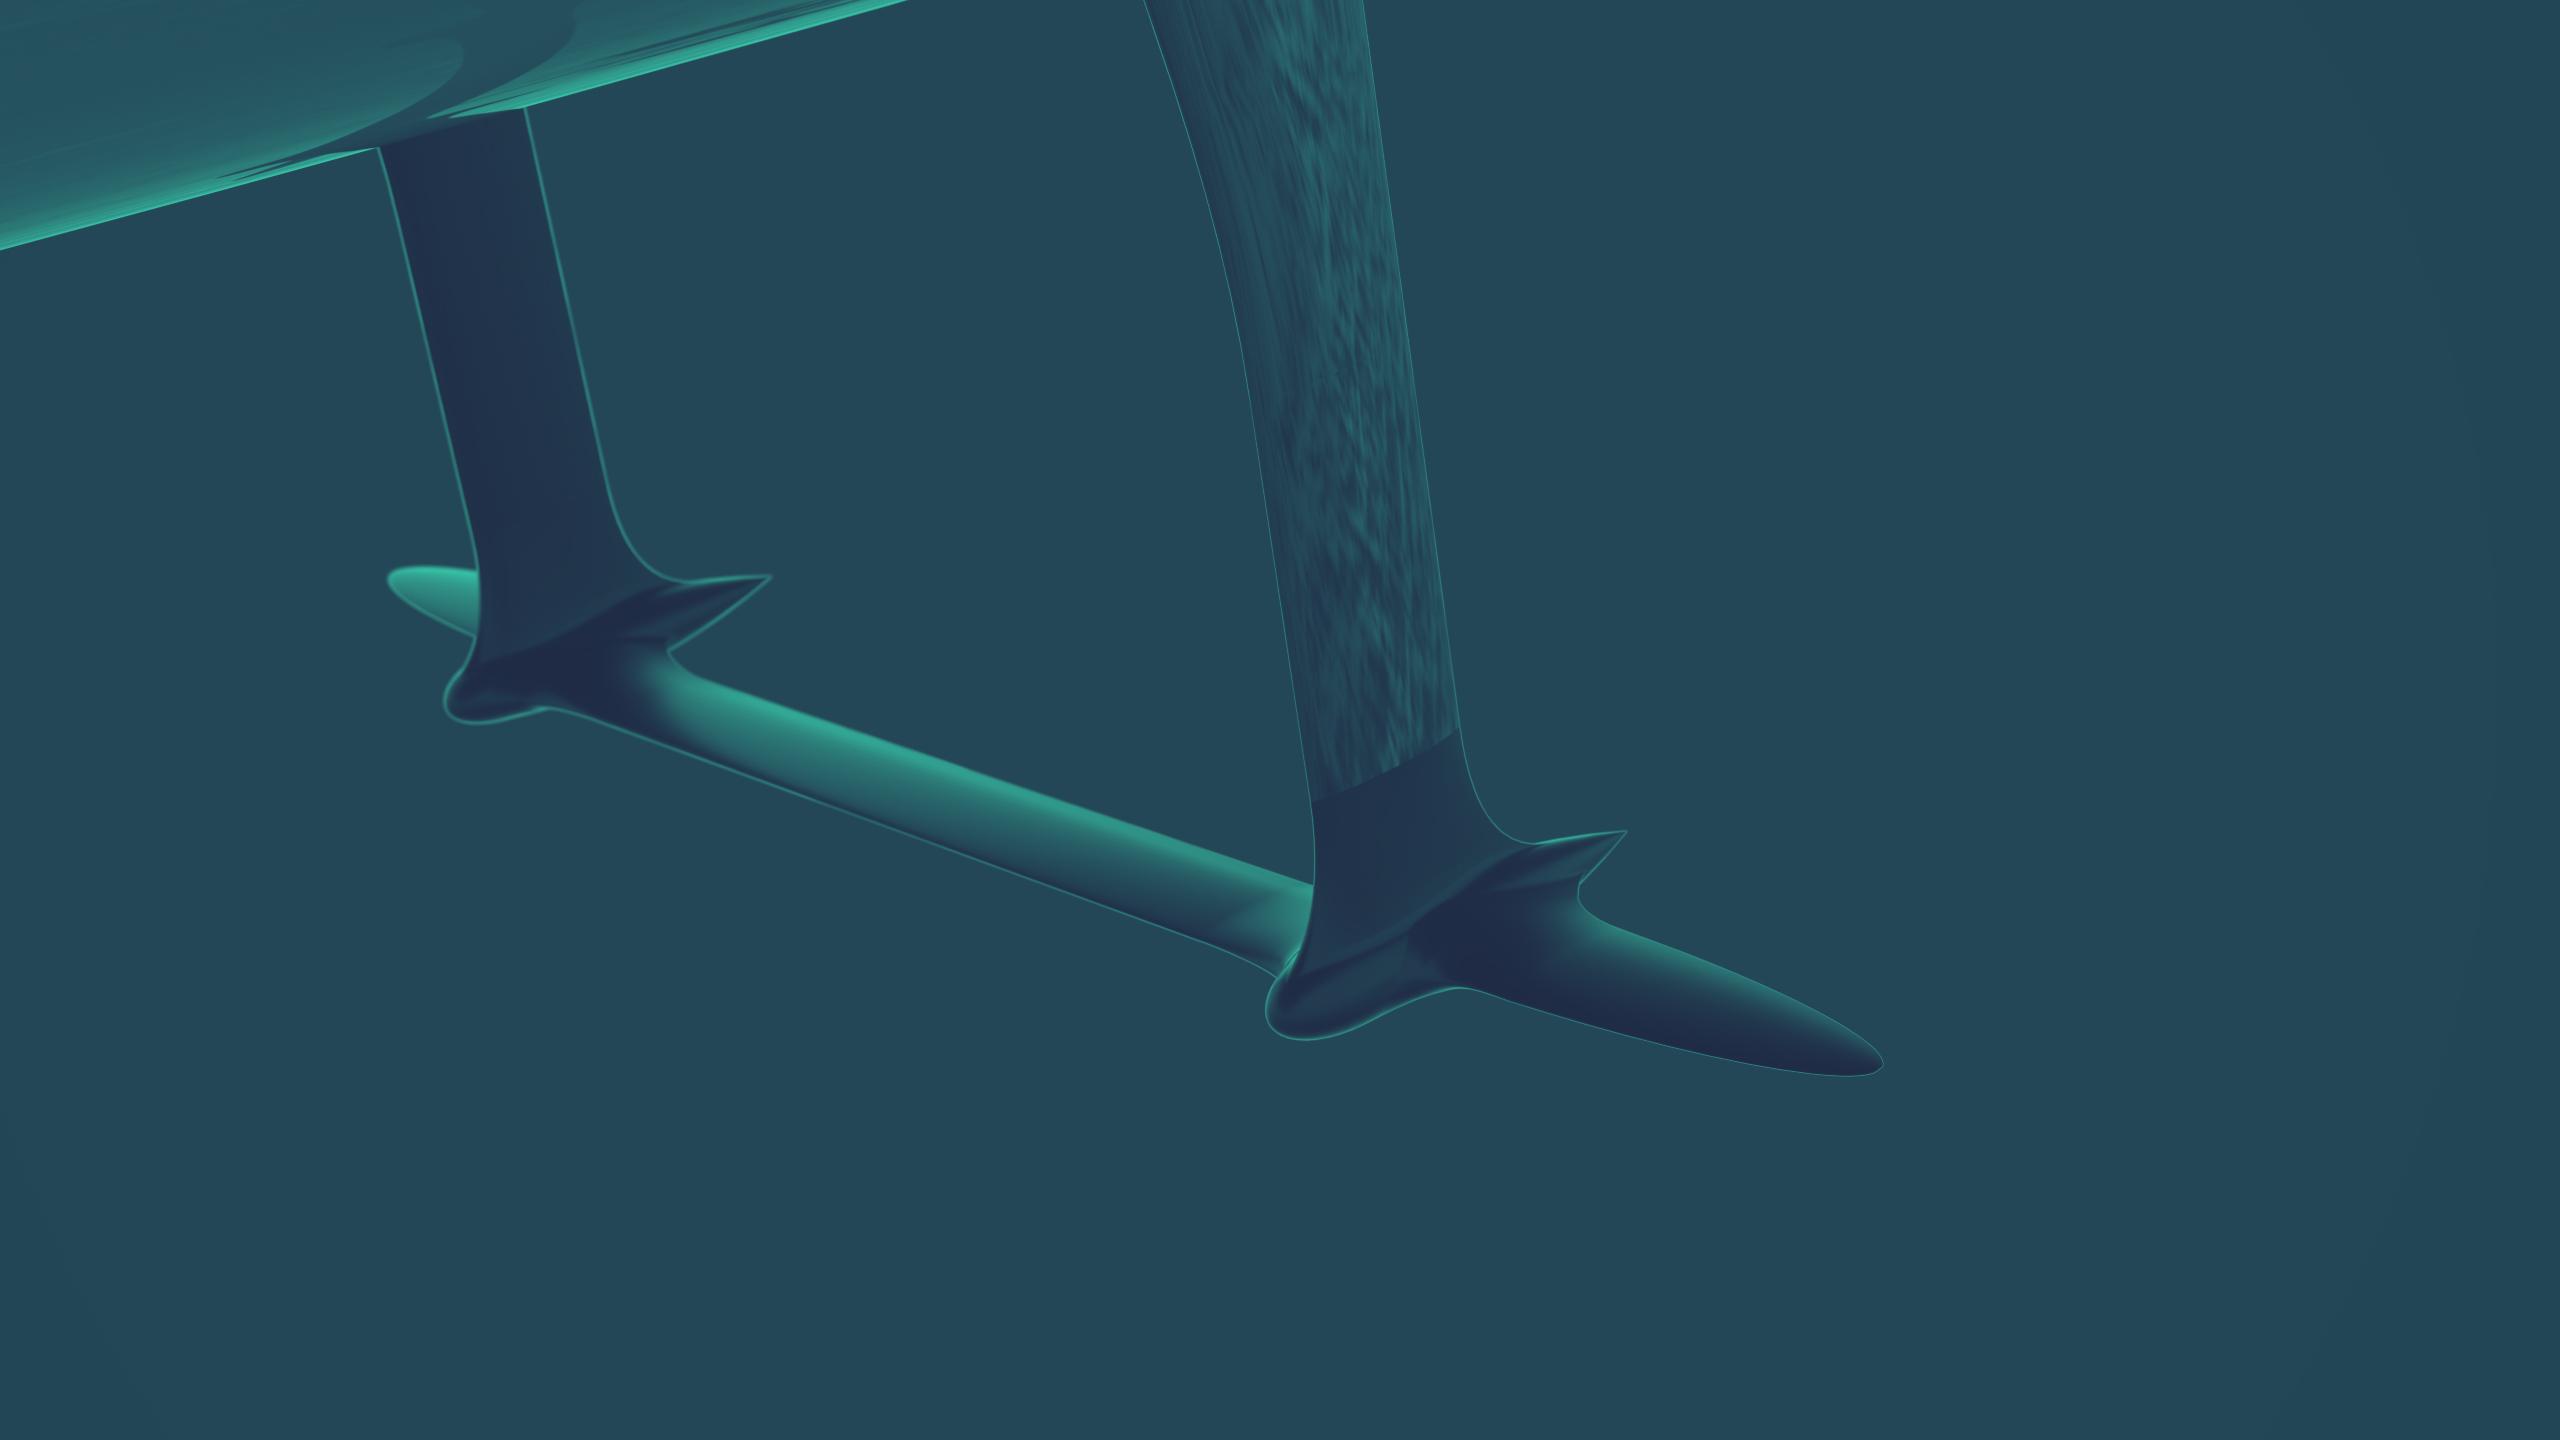 DRAAGVLEUGELS De draagvleugels zorgen voor een opwaartse kracht. Deze kracht laat de romp, bij een bepaalde snelheid, het water uitkomen. De boot 'vliegt' dan als het ware boven het water. Het voordeel hiervan is dat je meer met luchtweerstand te maken hebt dan met waterweerstand. Luchtweerstand is vele malen kleiner dan water weerstand. Hierdoor kan de energie die met de zonnepanelen wordt opgewekt efficiënter gebruikt worden.